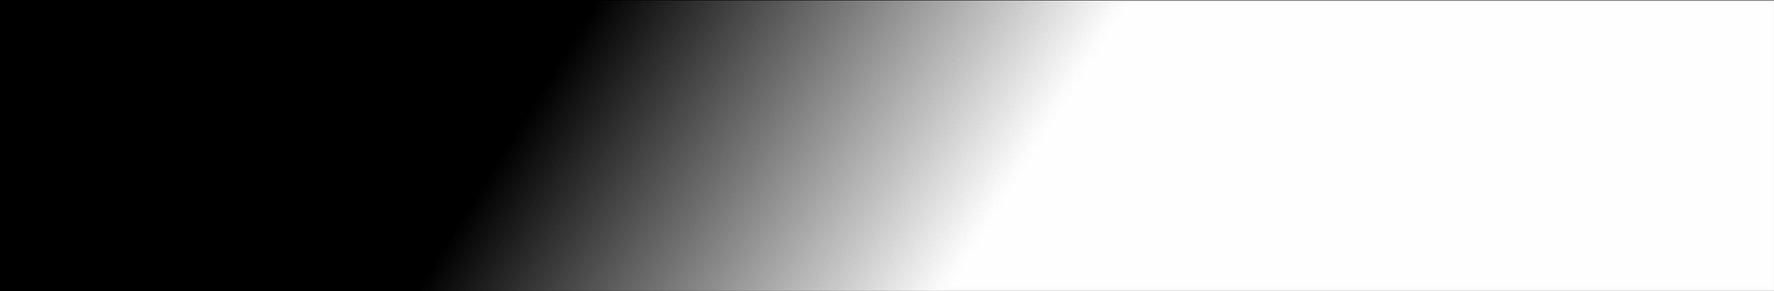 White banner fade.jpg